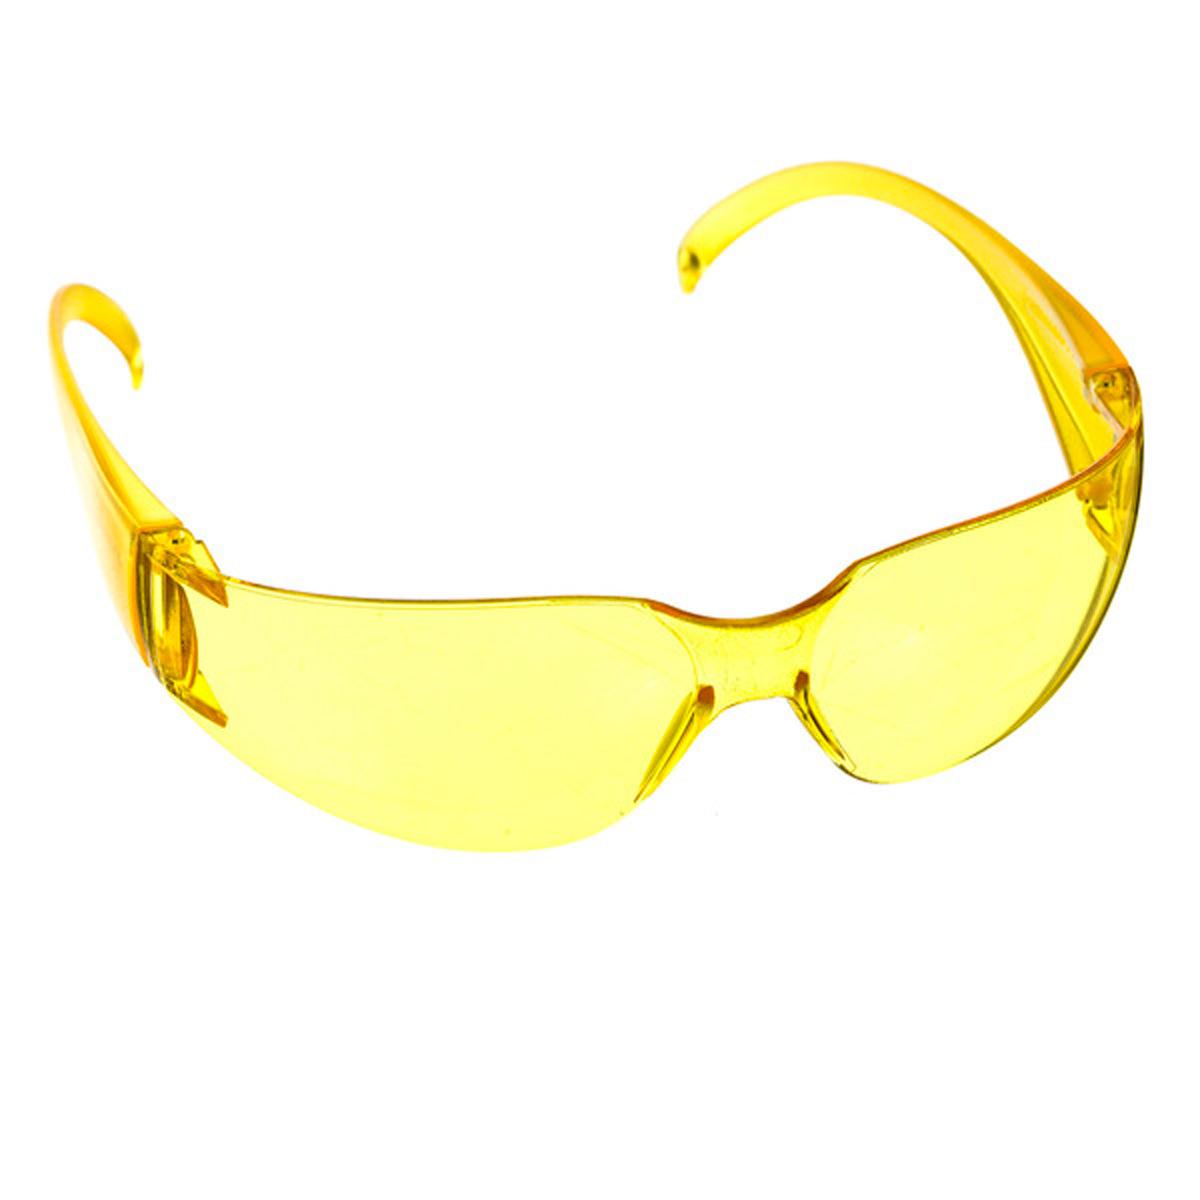 ed41c60bfc3e0 Óculos de Proteção Super Vision Amarelo Carbografite